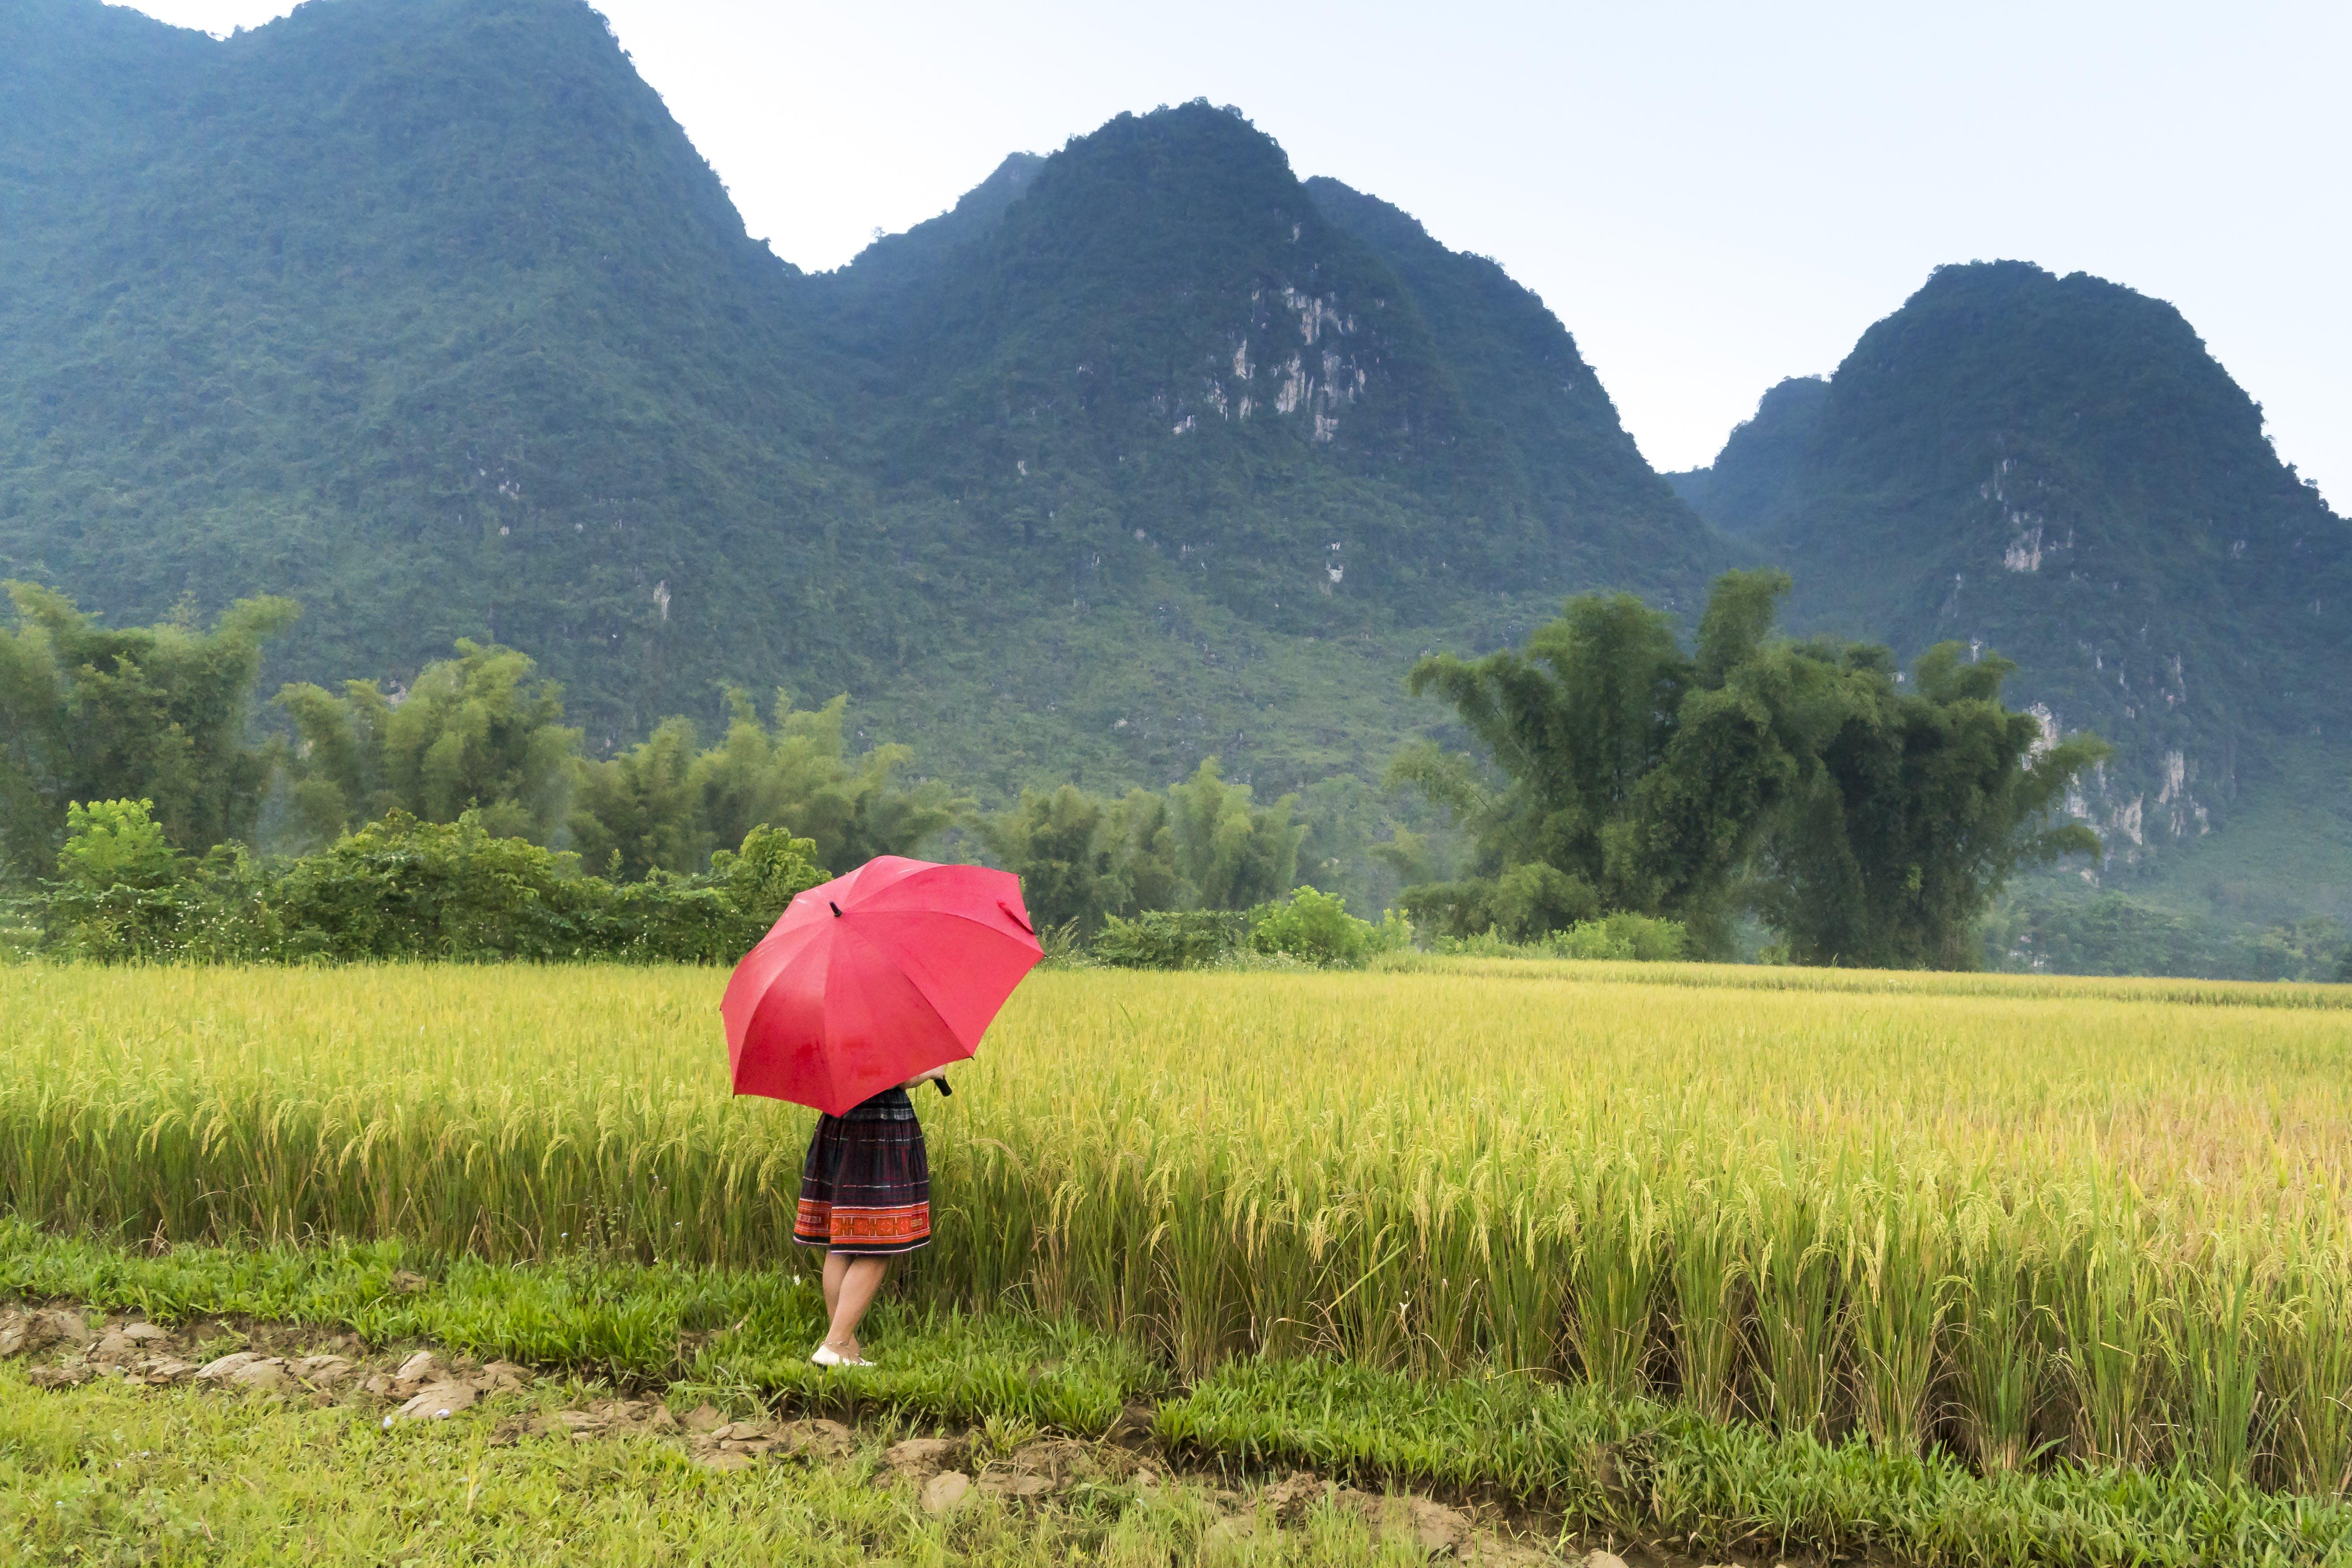 Gratis stockfoto met akkerland, berg, boerderij, buiten